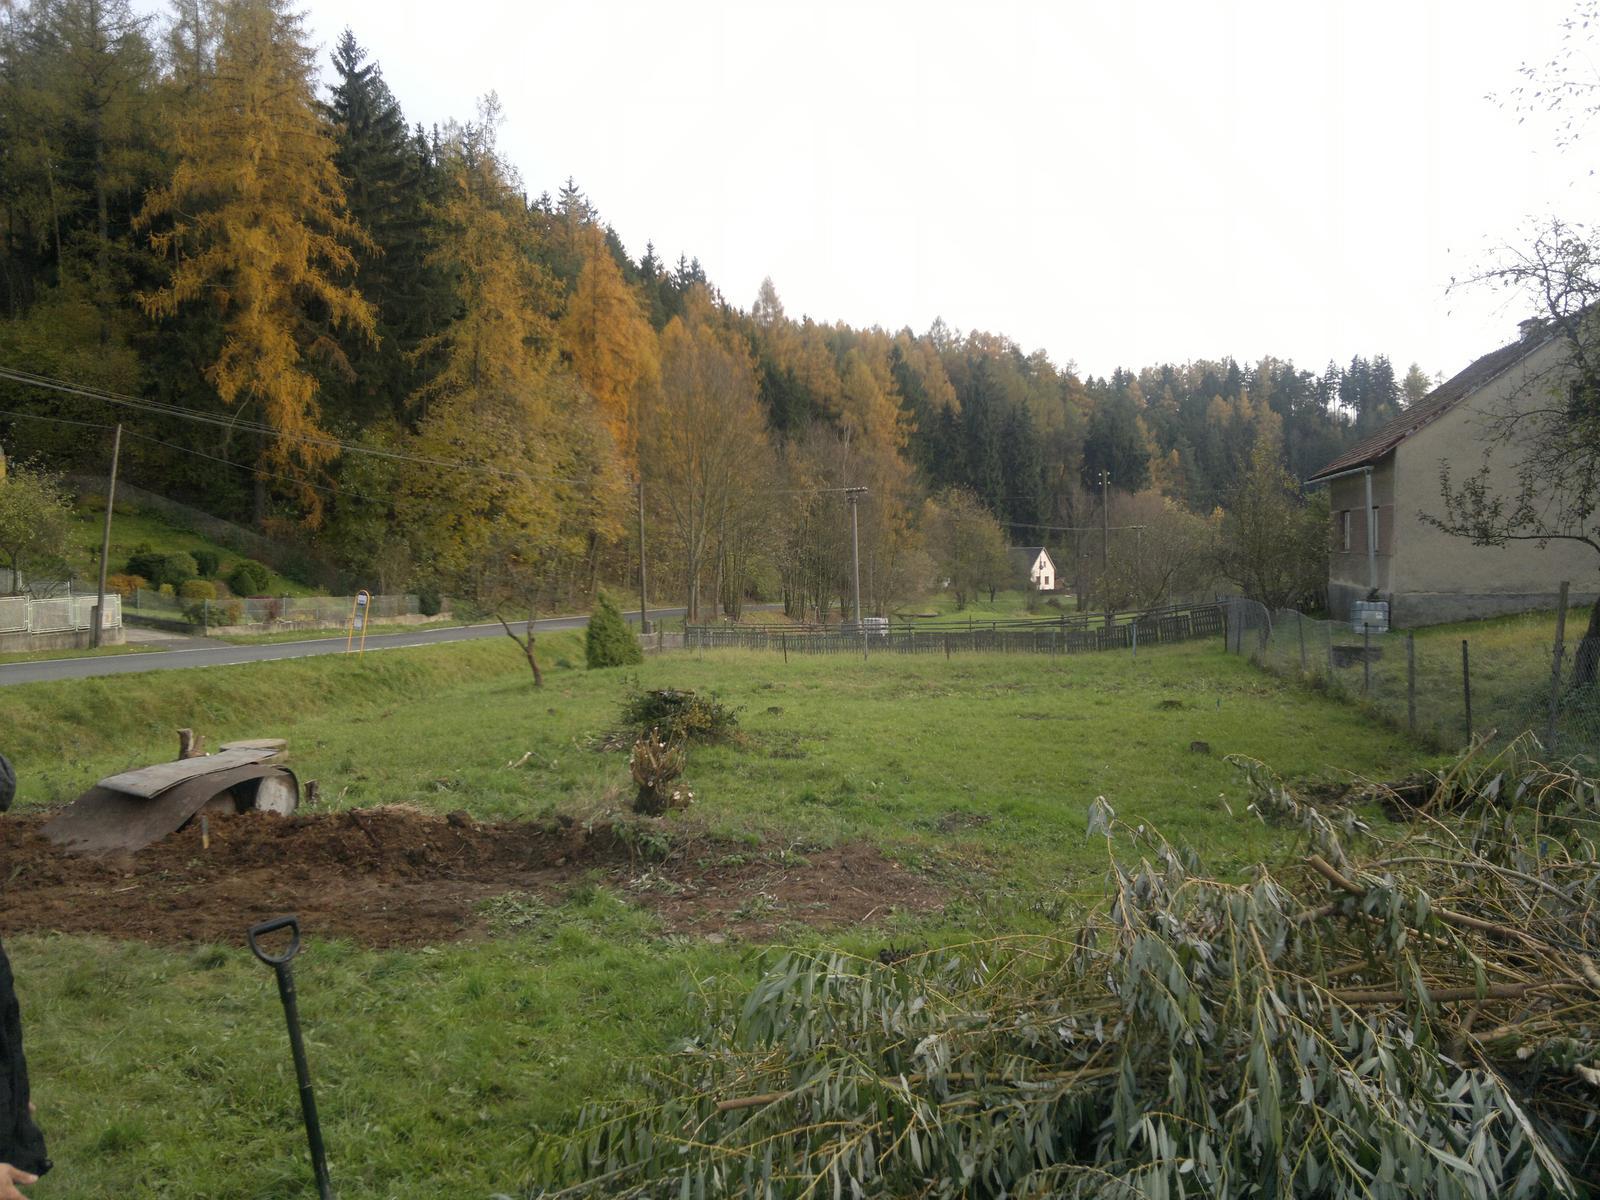 Pozemek - tak tady je nas 700m2 pozemecek,uz krasne nachystanej na prijezd bagru :)